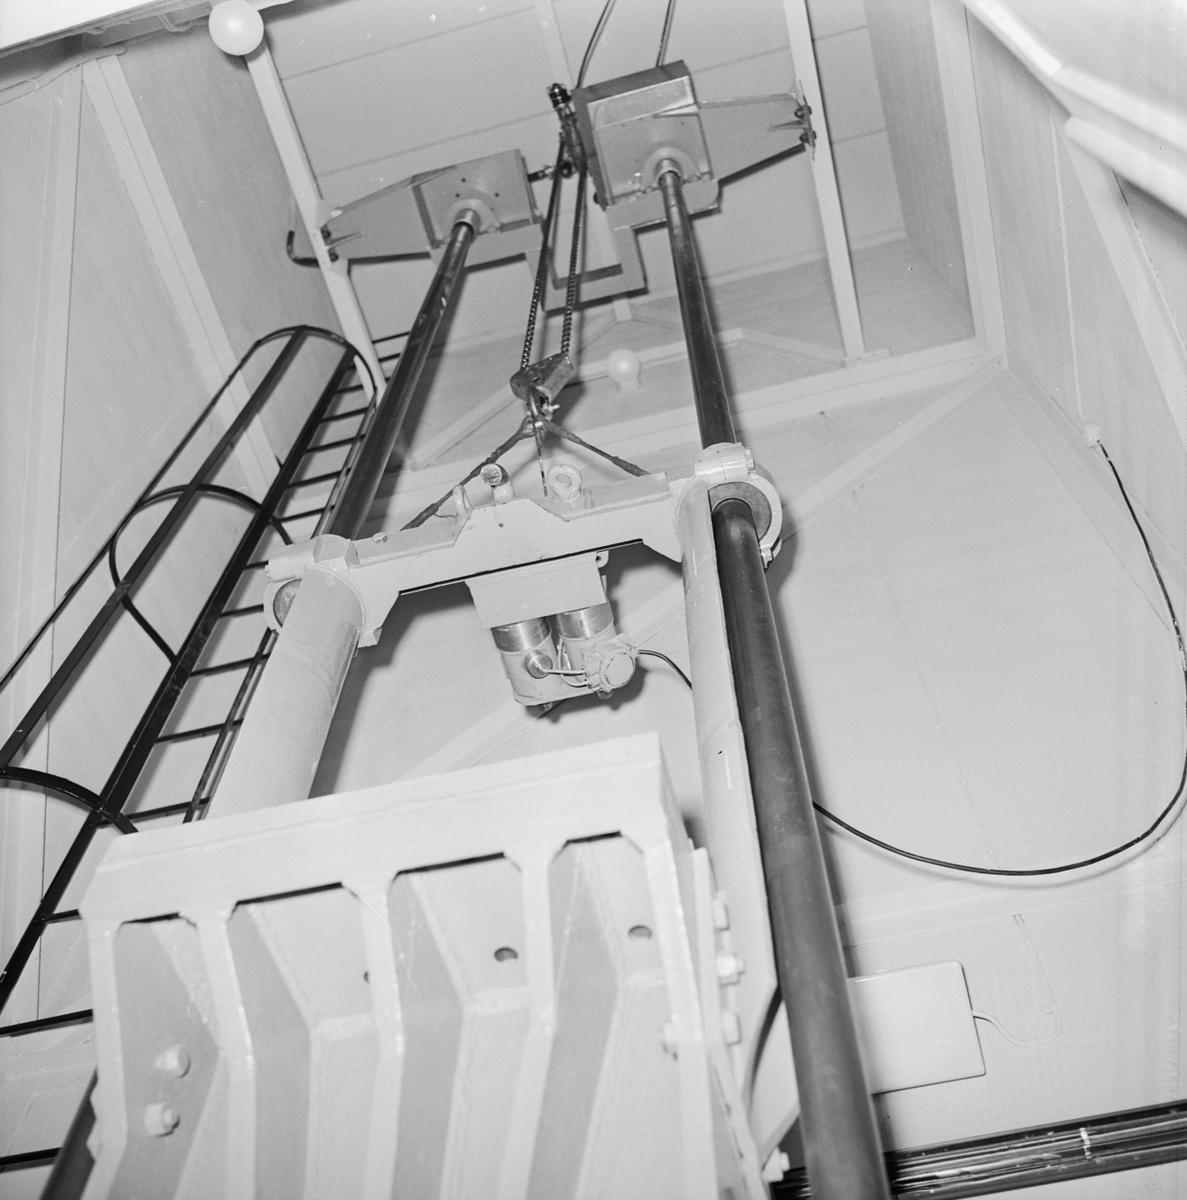 Stötprovningspanel och manöverpanel